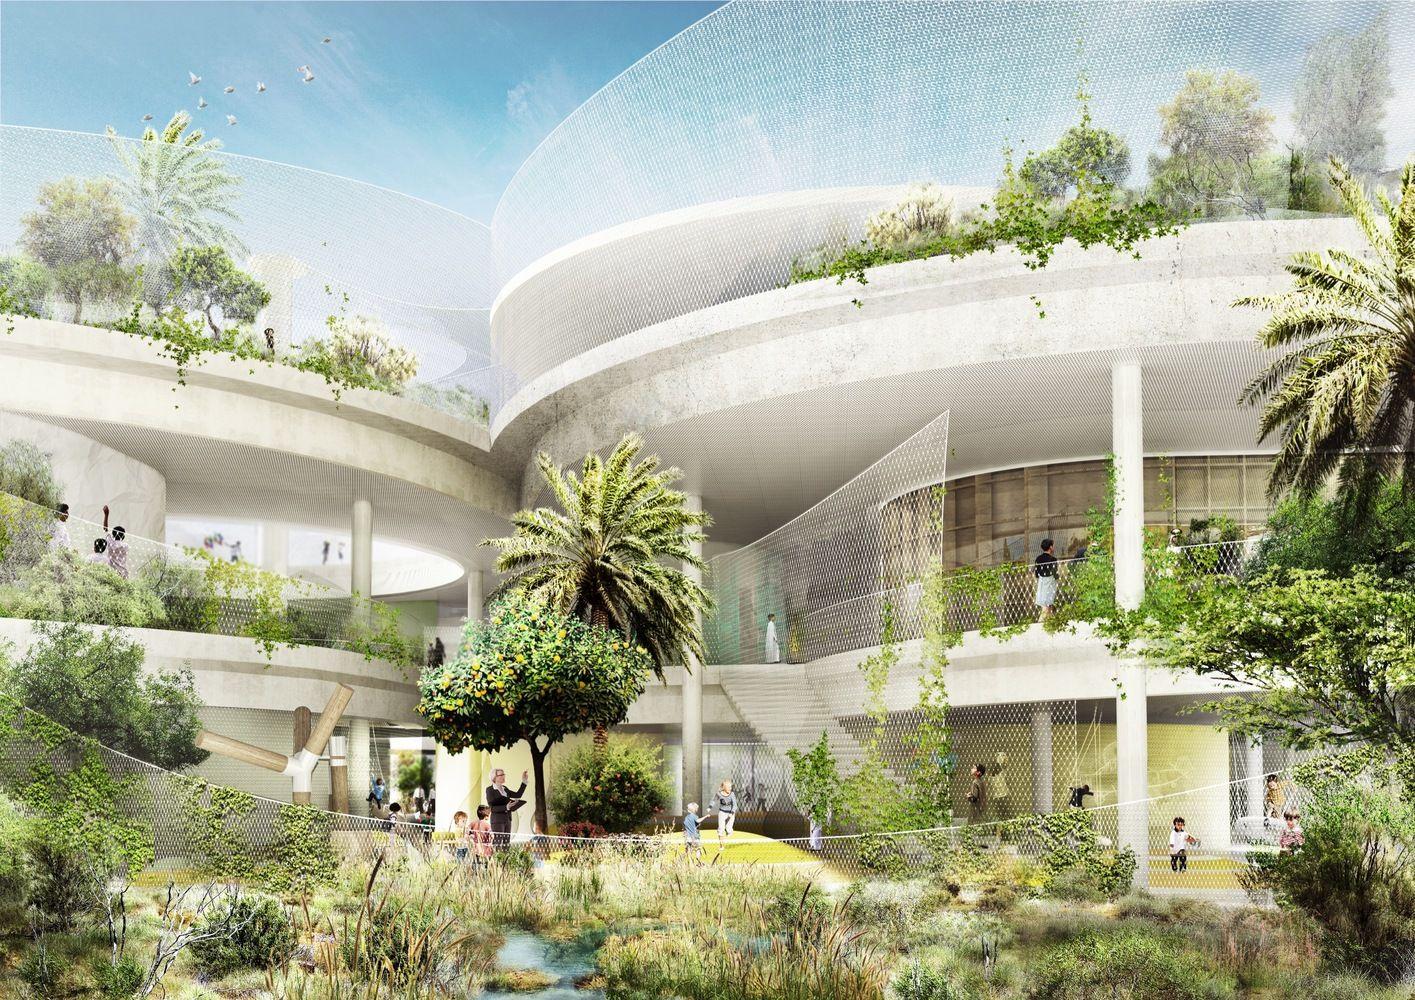 CEBRA And SLA Design A School For The Sustainable City In Dubai,Courtesy Of  CEBRA